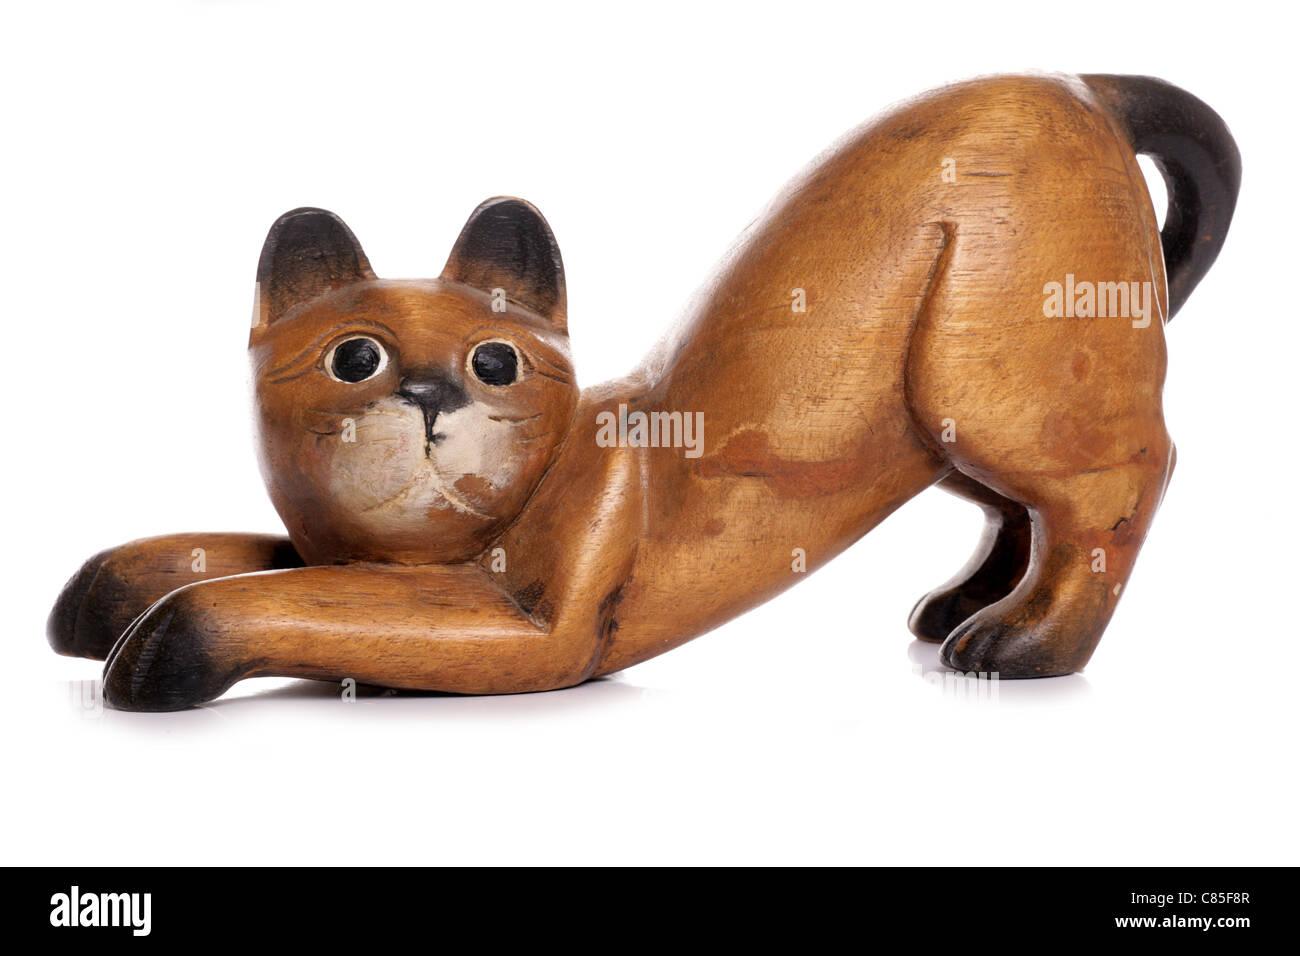 Gatto in legno ornamento di esclusione di studio Immagini Stock